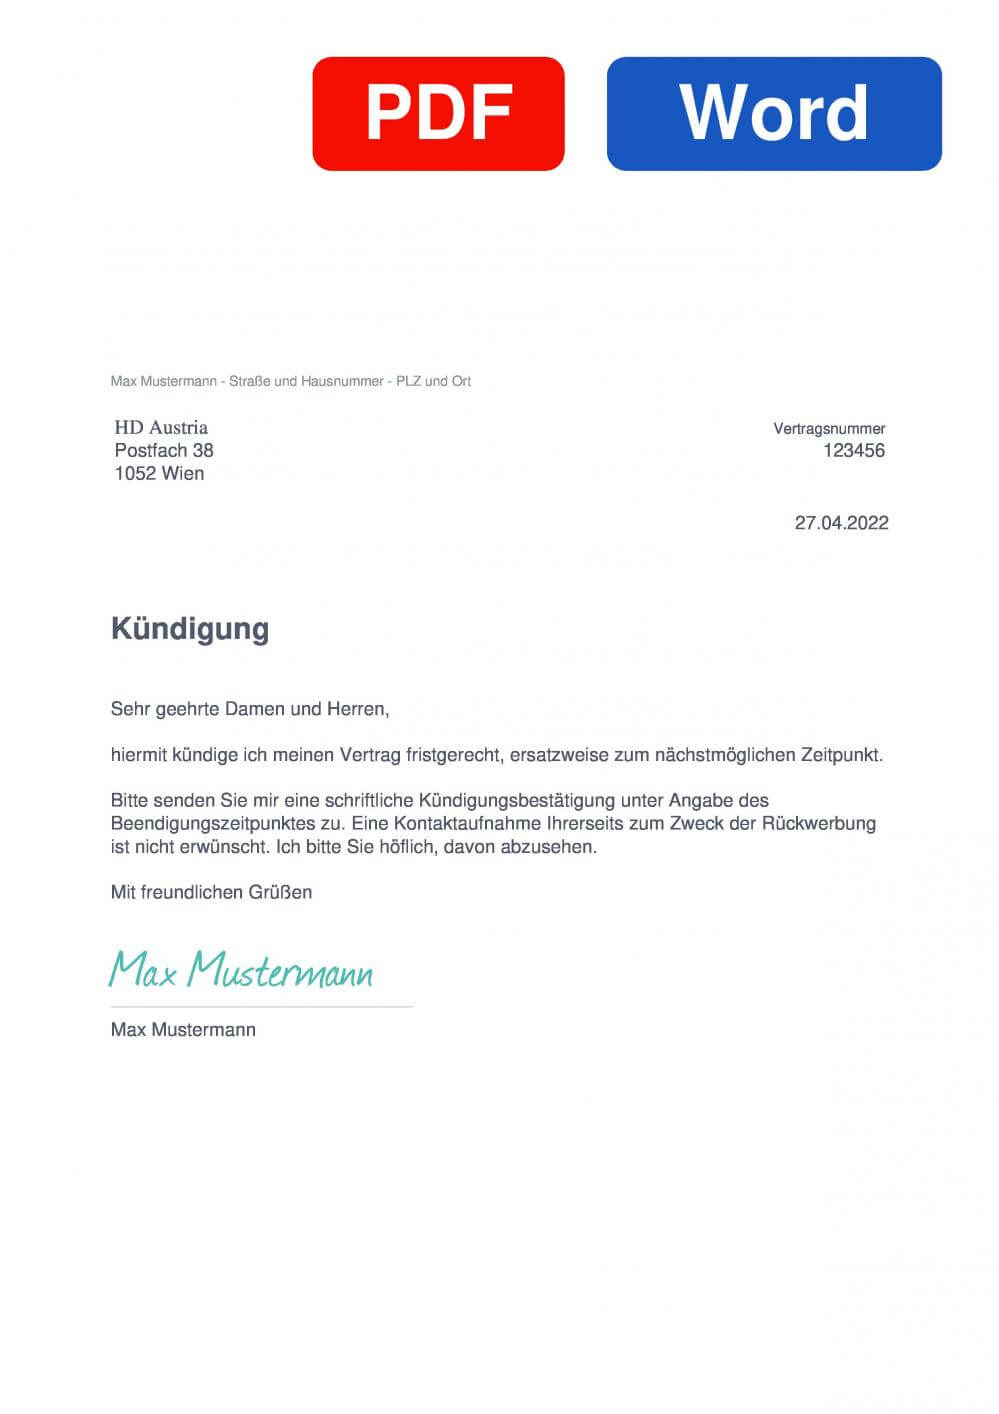 HD Austria Muster Vorlage für Kündigungsschreiben